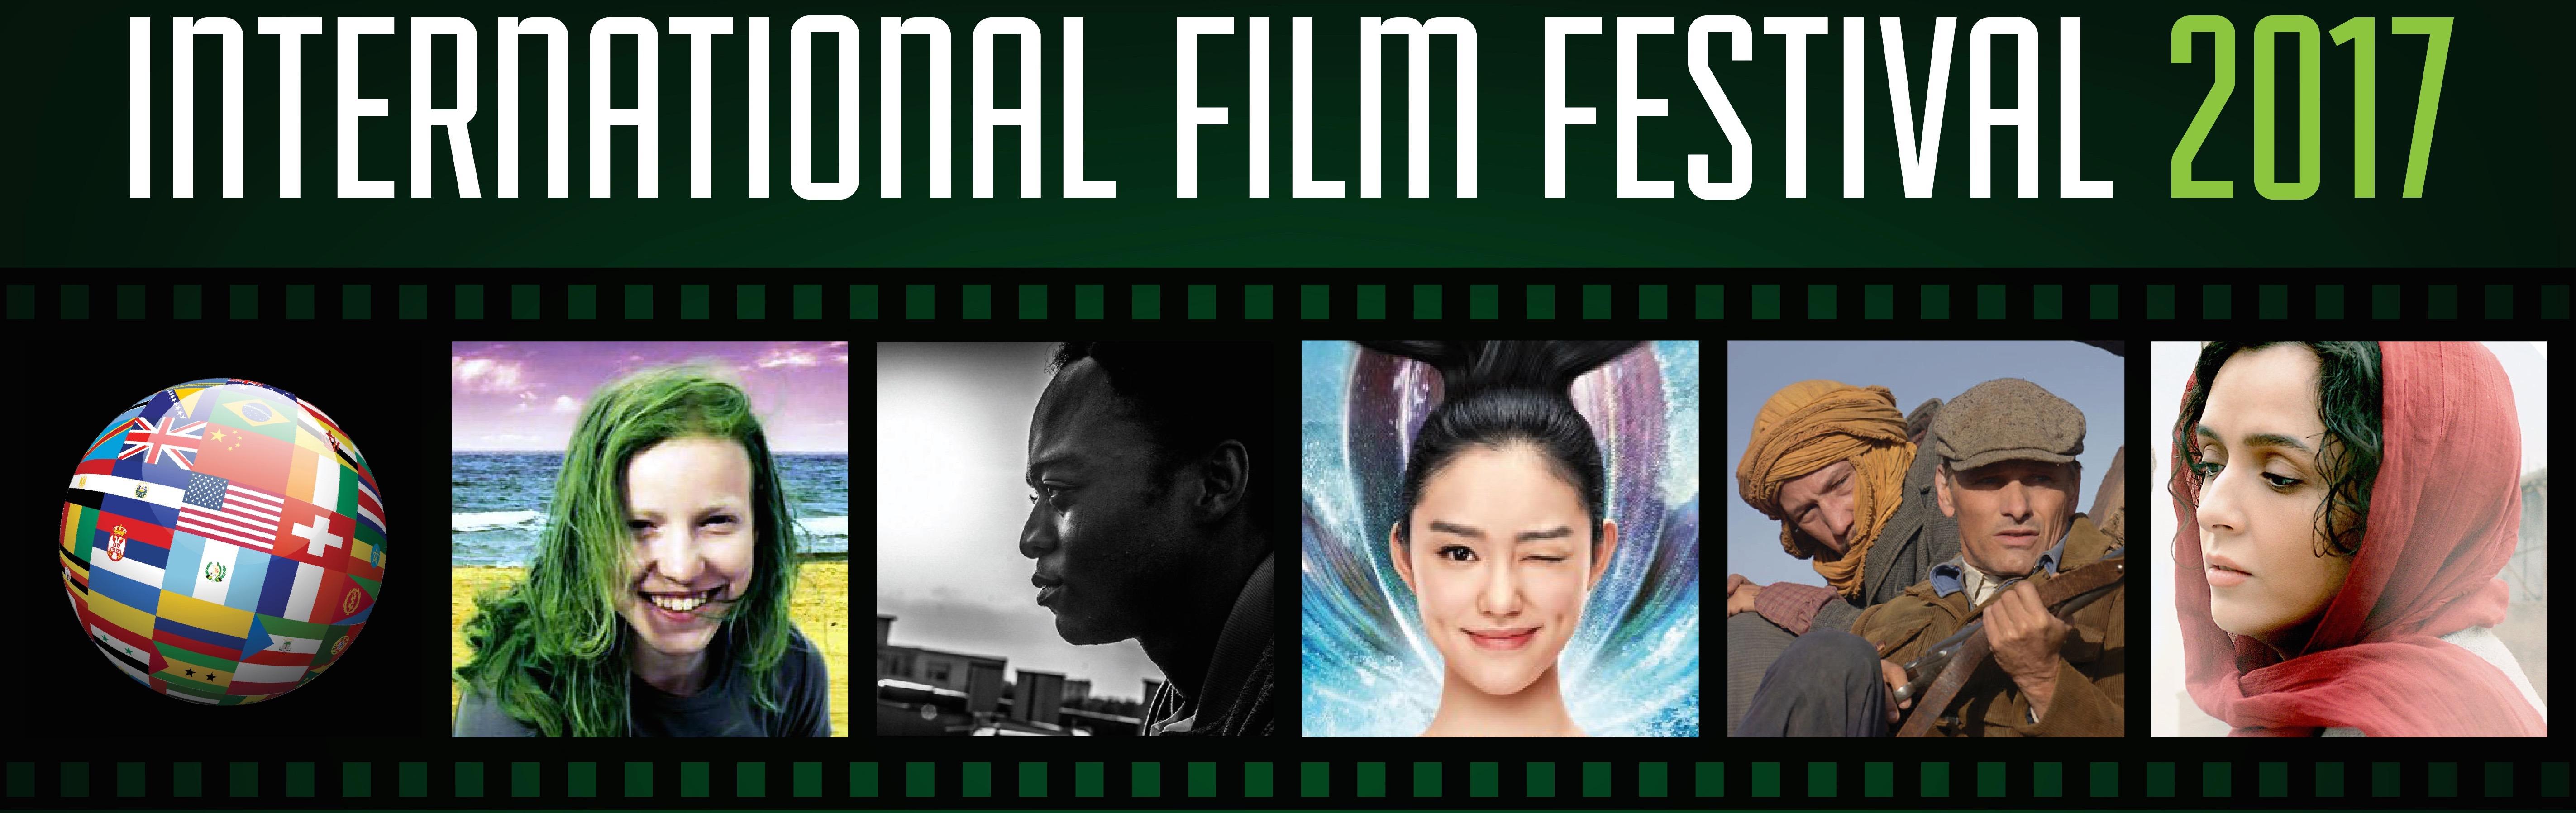 film festival banner 2017